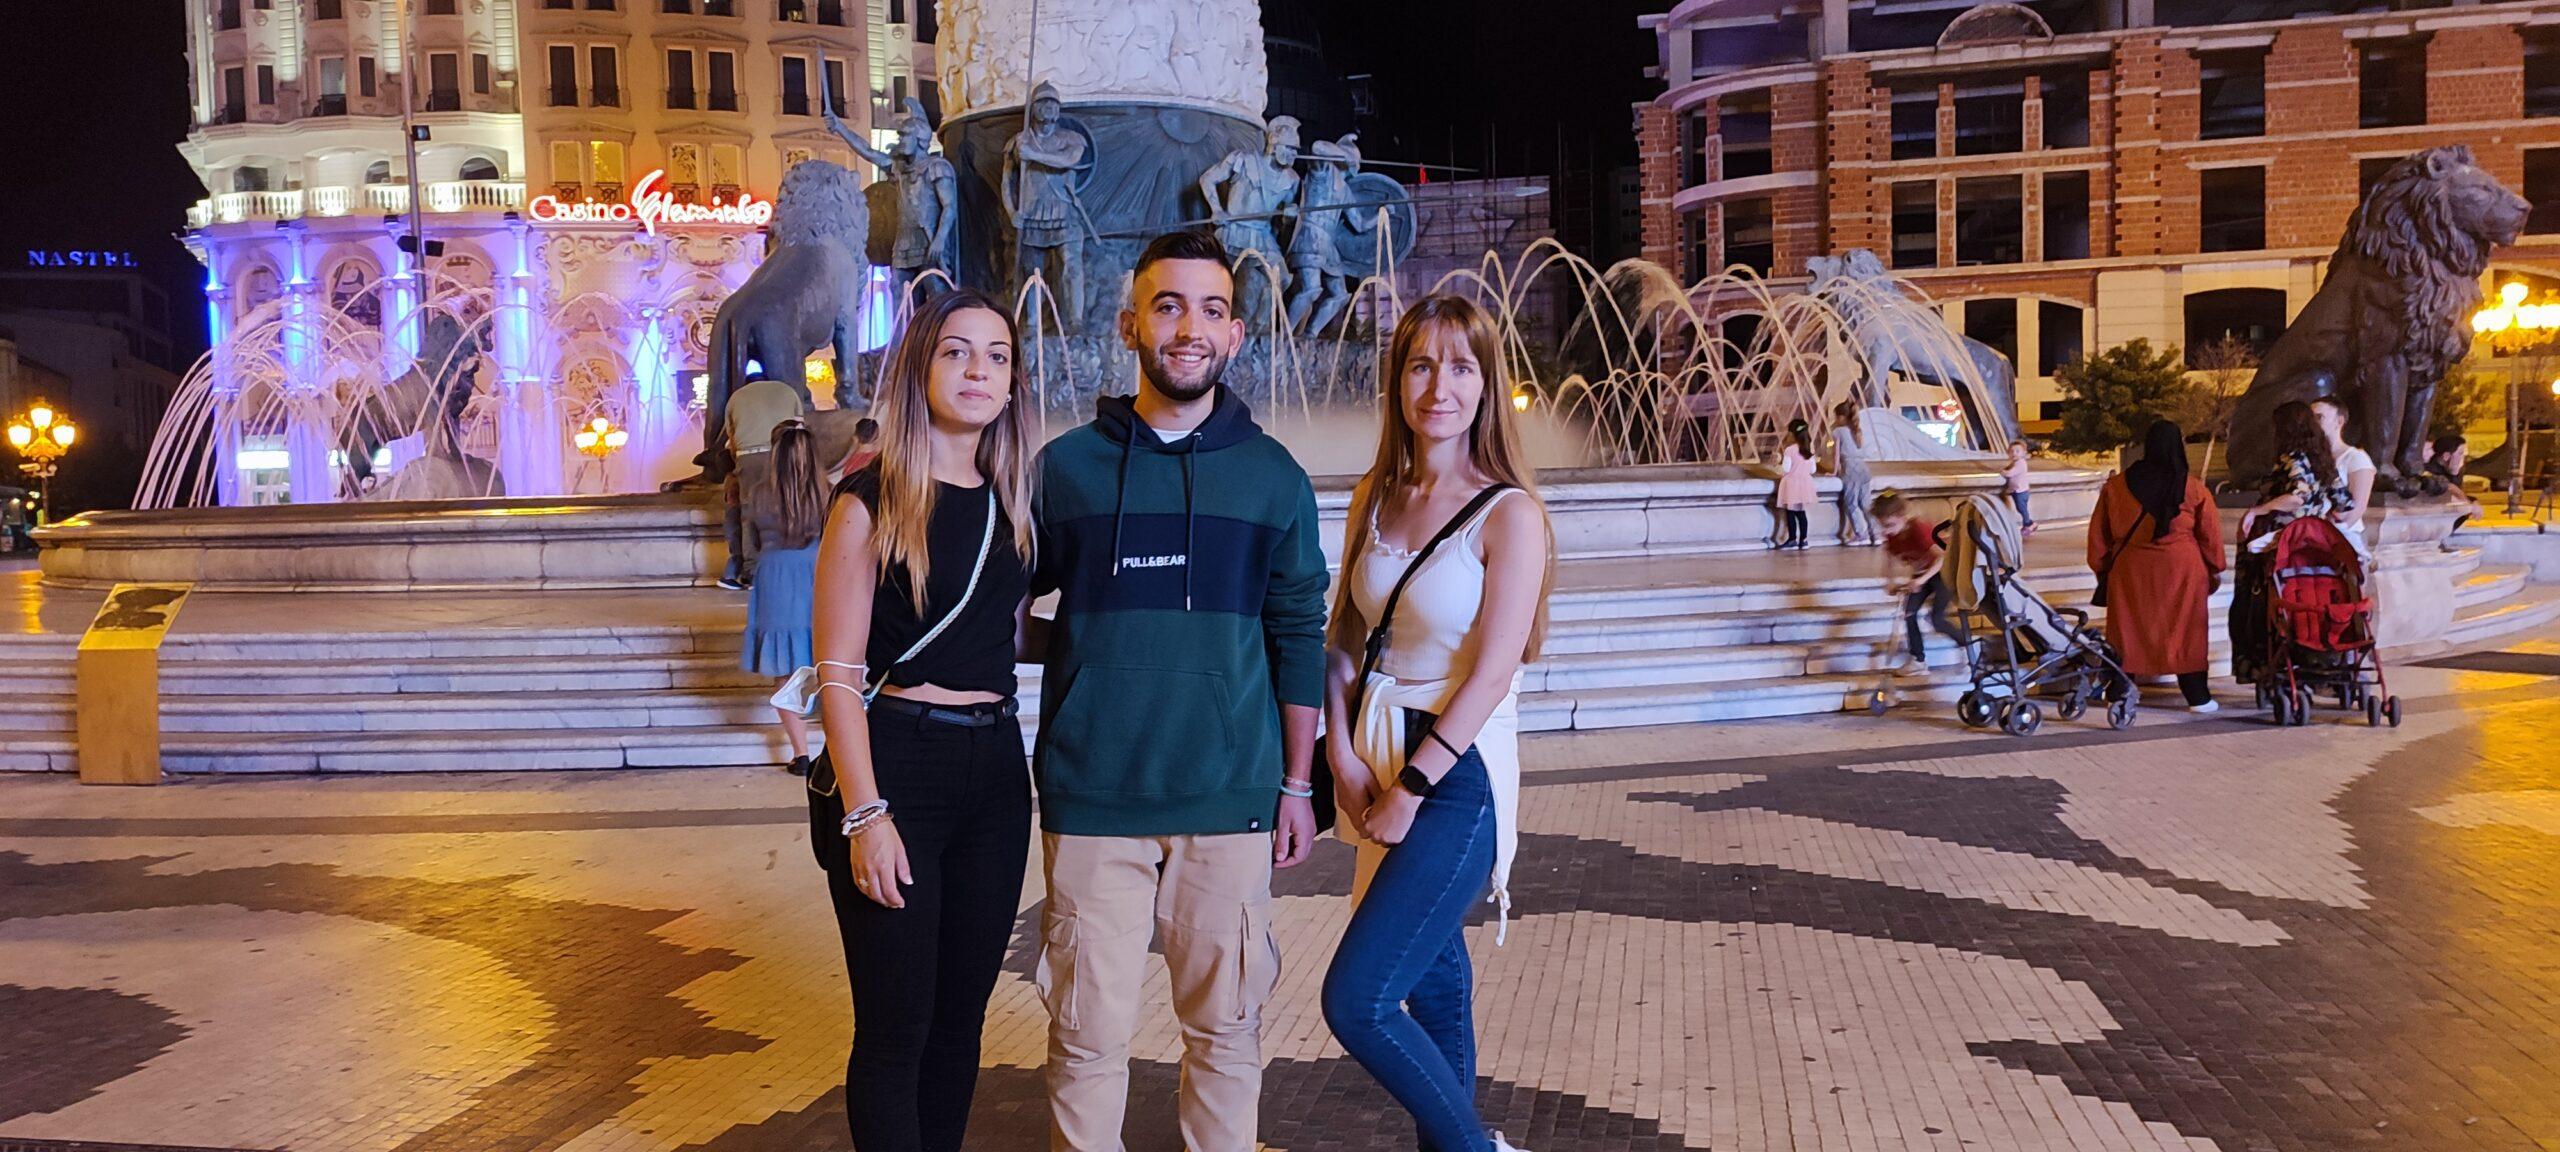 Добредојде во ВЦС за нашето ново шпанско трио:  Андреа, Мигел и Елена!